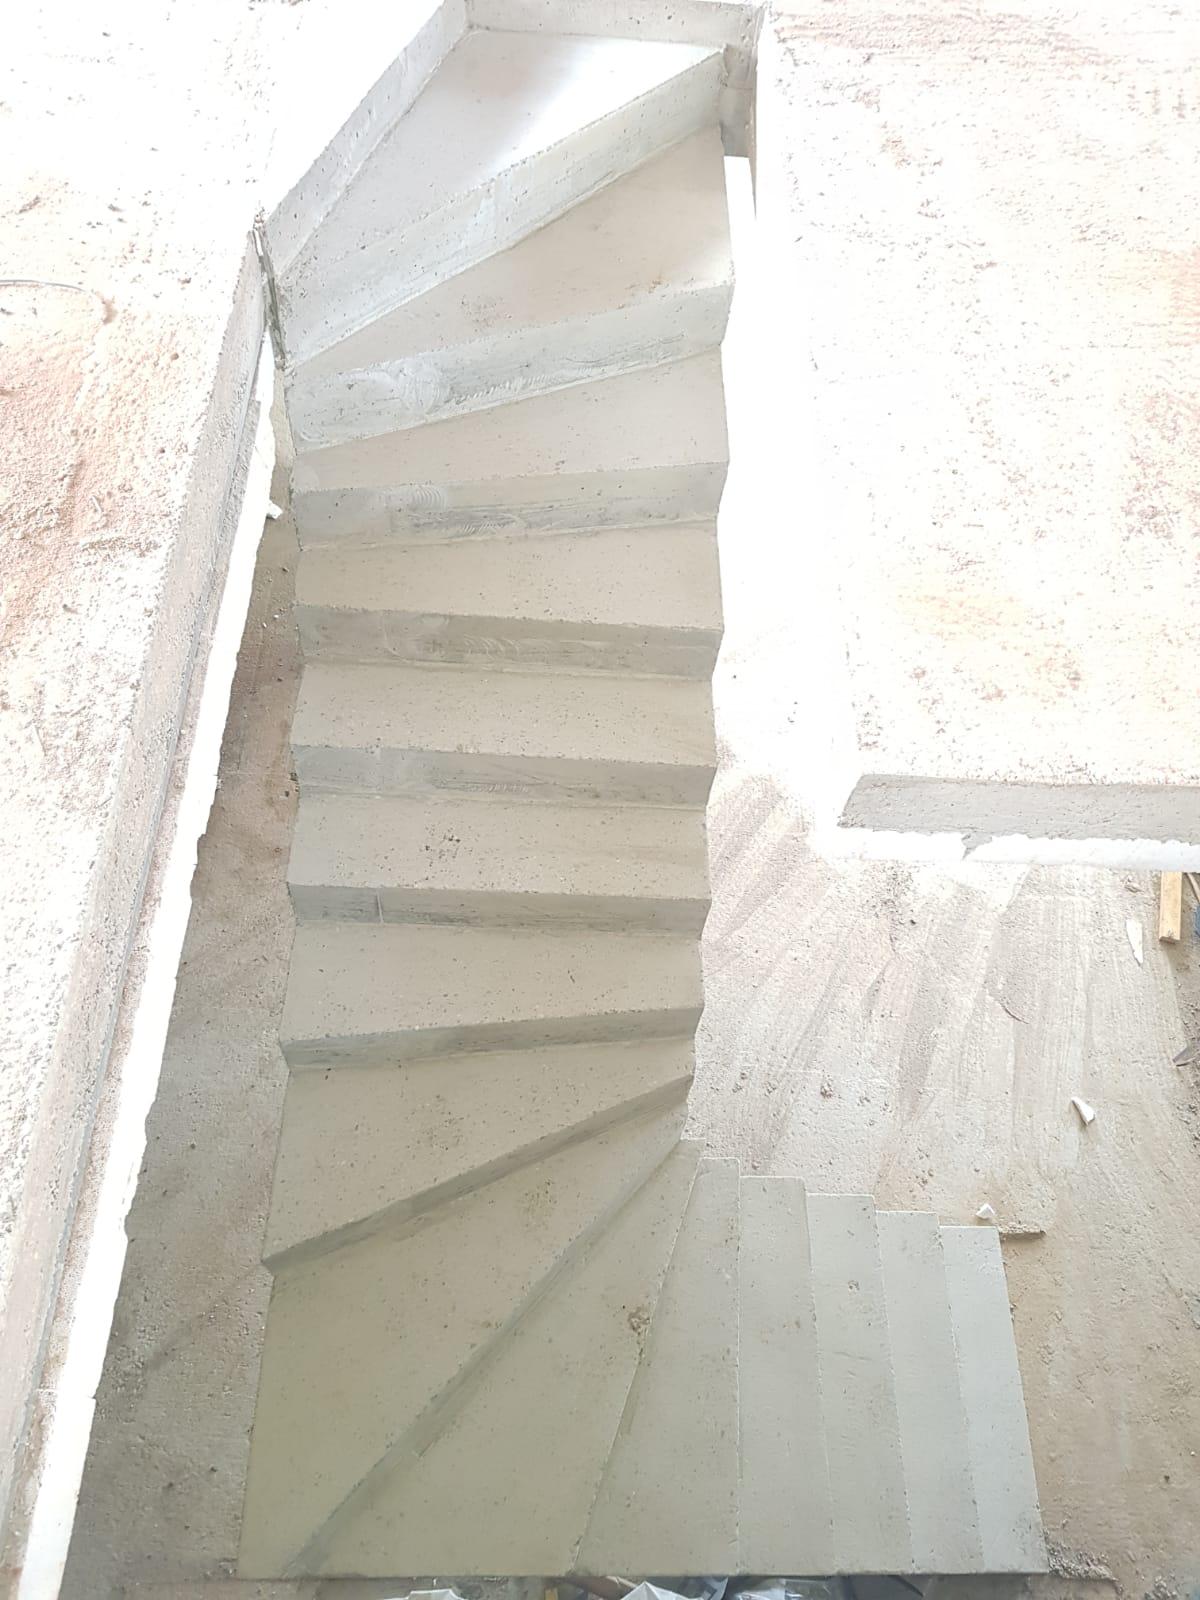 Dessus d'un escalier beton en forme de S.